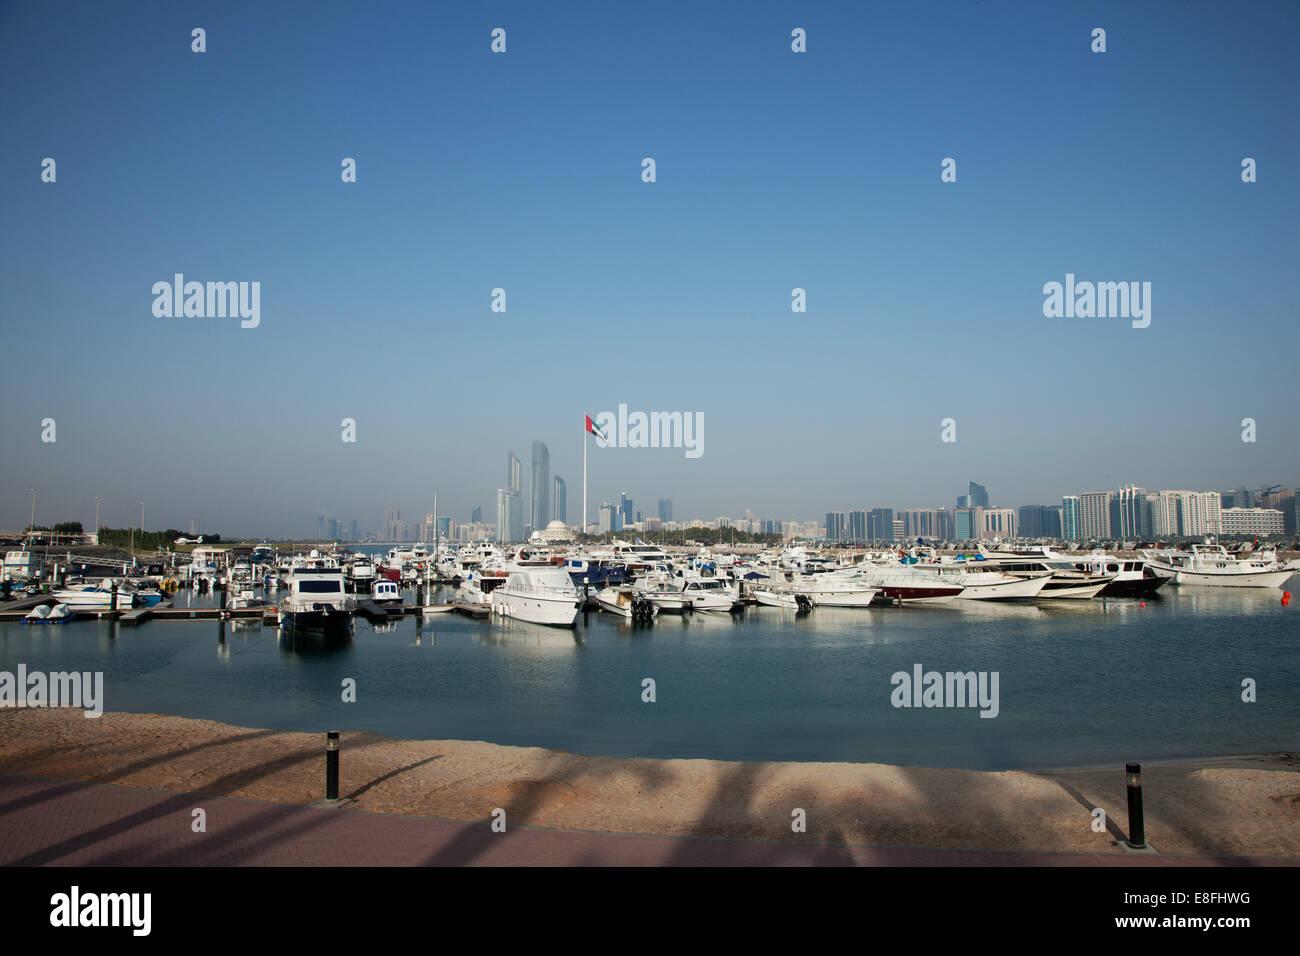 Vereinigte Arabische Emirate, Abu Dhabi Skyline mit Hafen im Vordergrund Stockbild